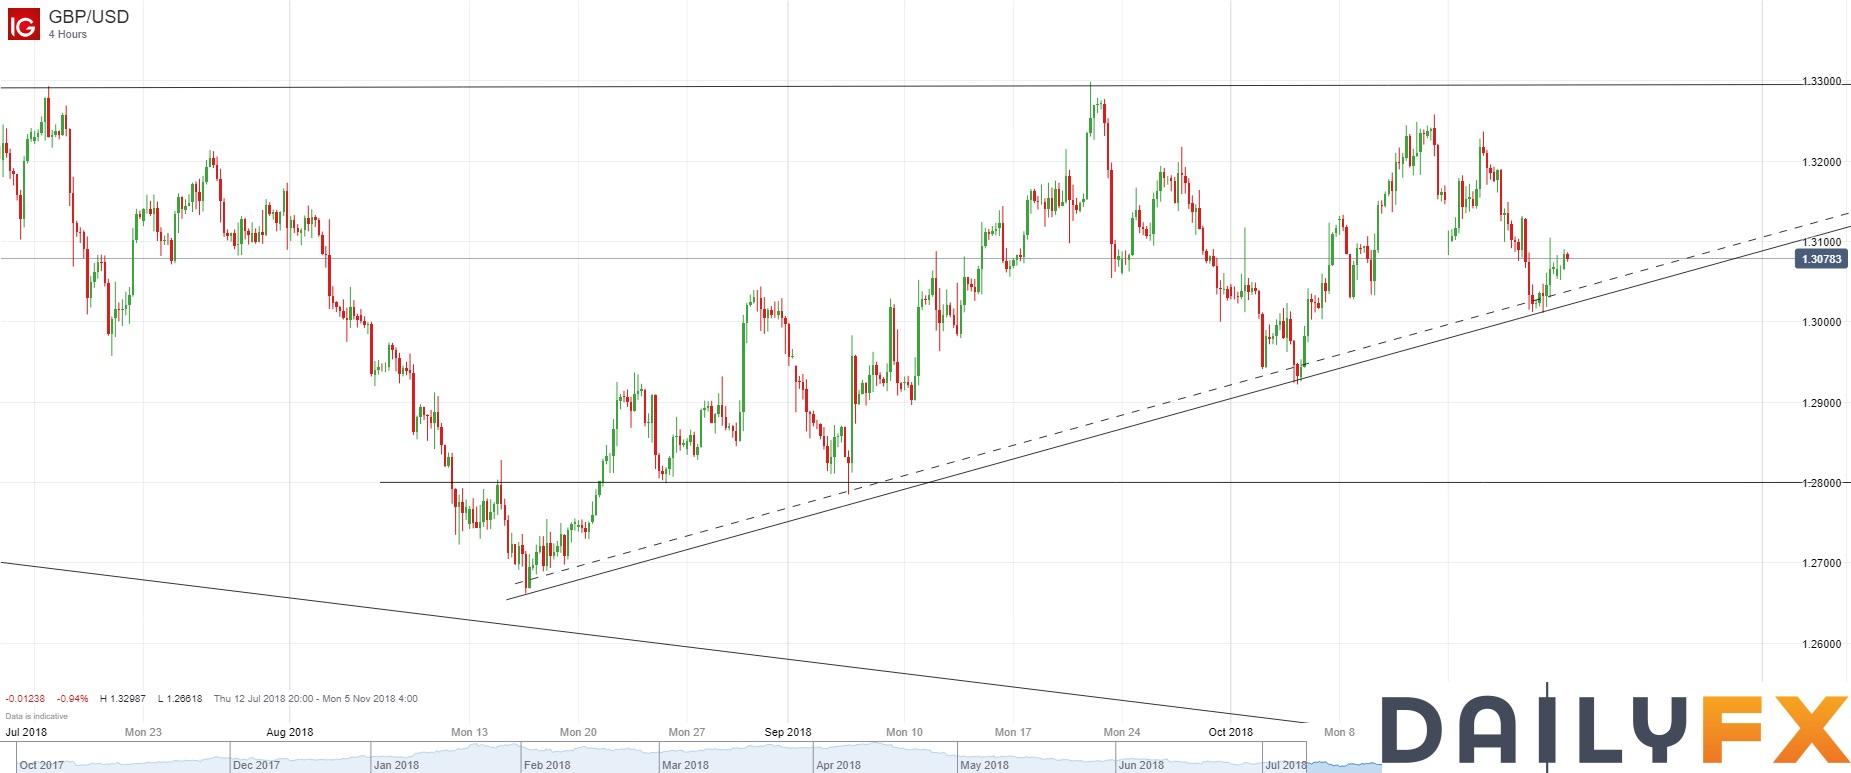 英鎊/美元技術分析:4小時圖短期跌勢仍完好,繼續關注日圖趨勢線支持